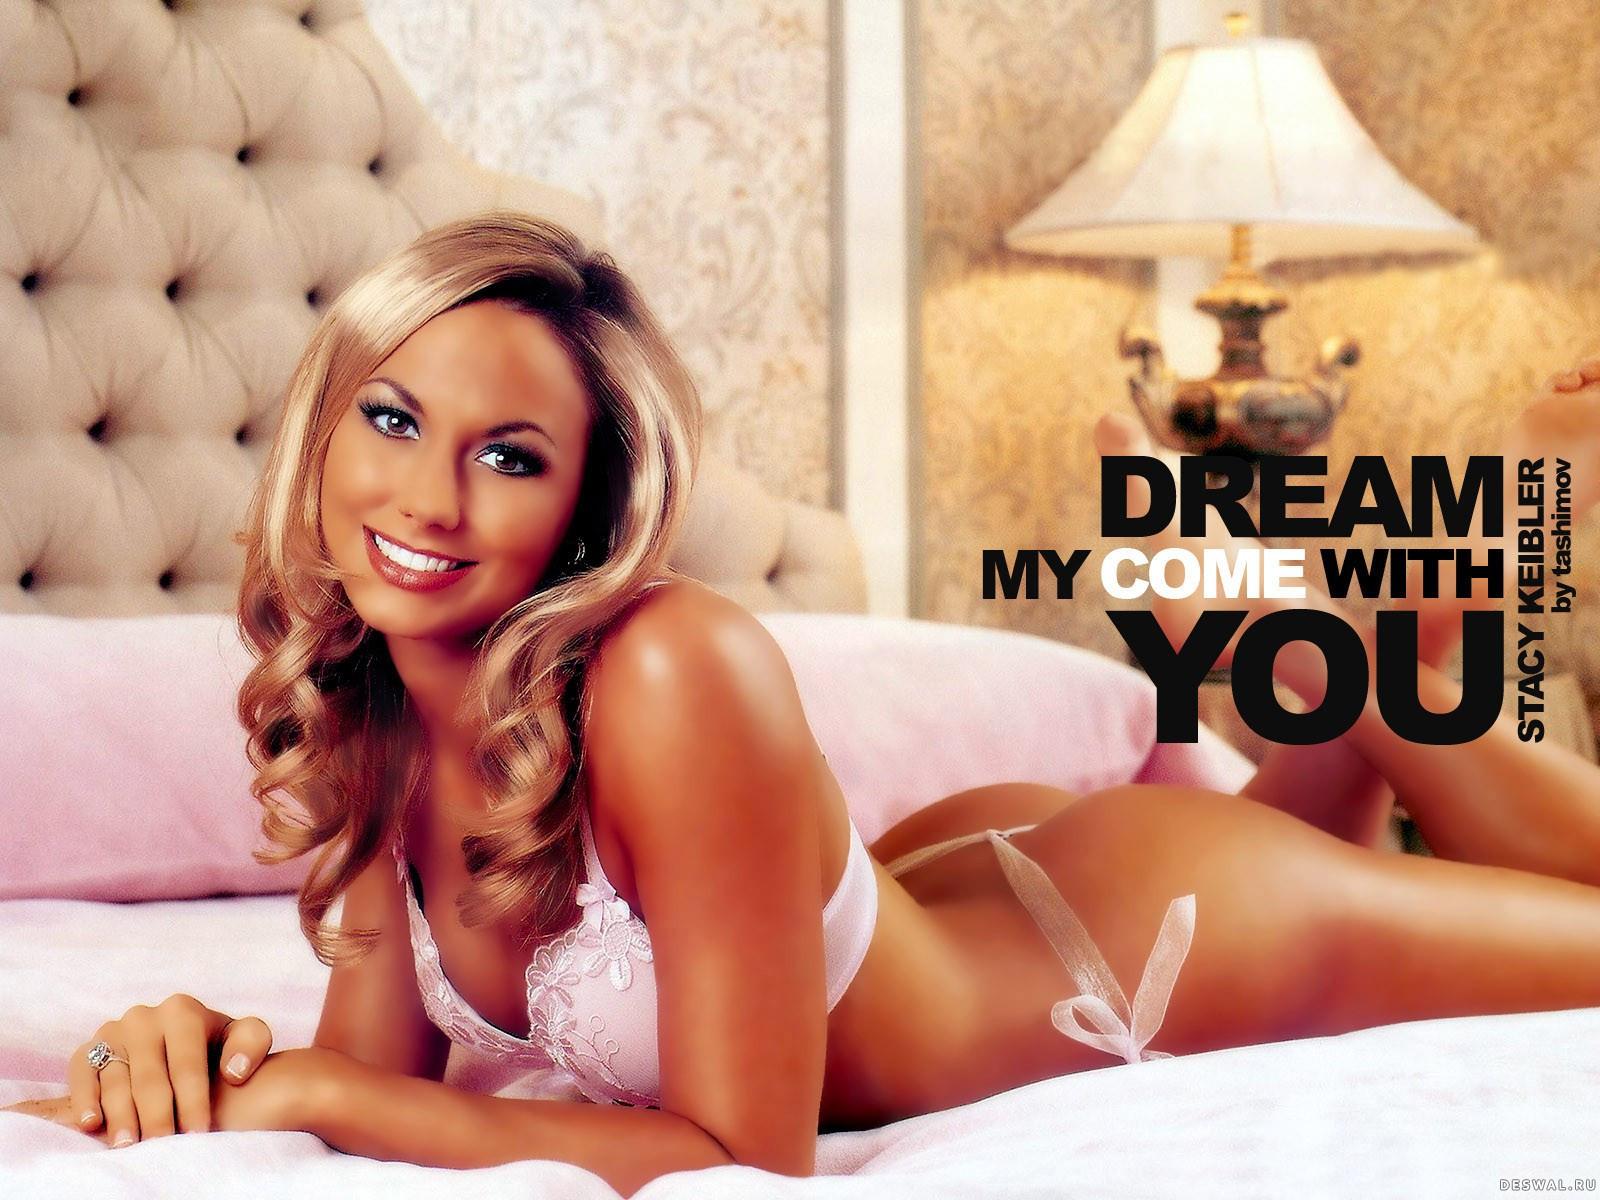 Секс с знаменитыми русскими звездами, Секс видео со знаменитостями звездный порно скандал 8 фотография